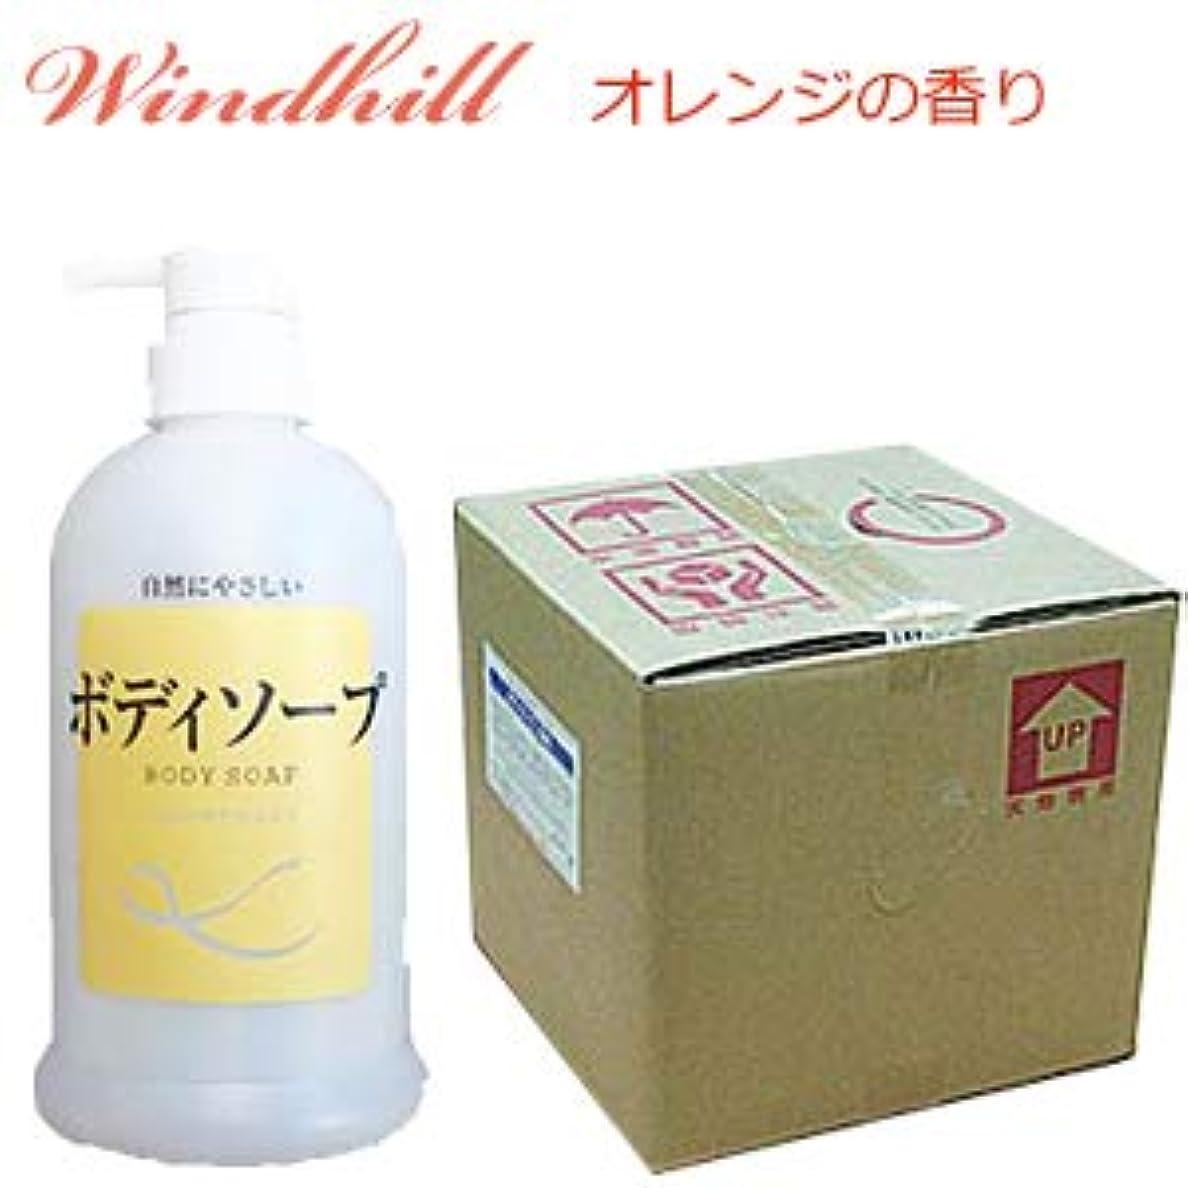 鎮静剤意図期限切れWindhill 植物性 業務用ボディソープオレンジの香り 20L(1セット20L入)